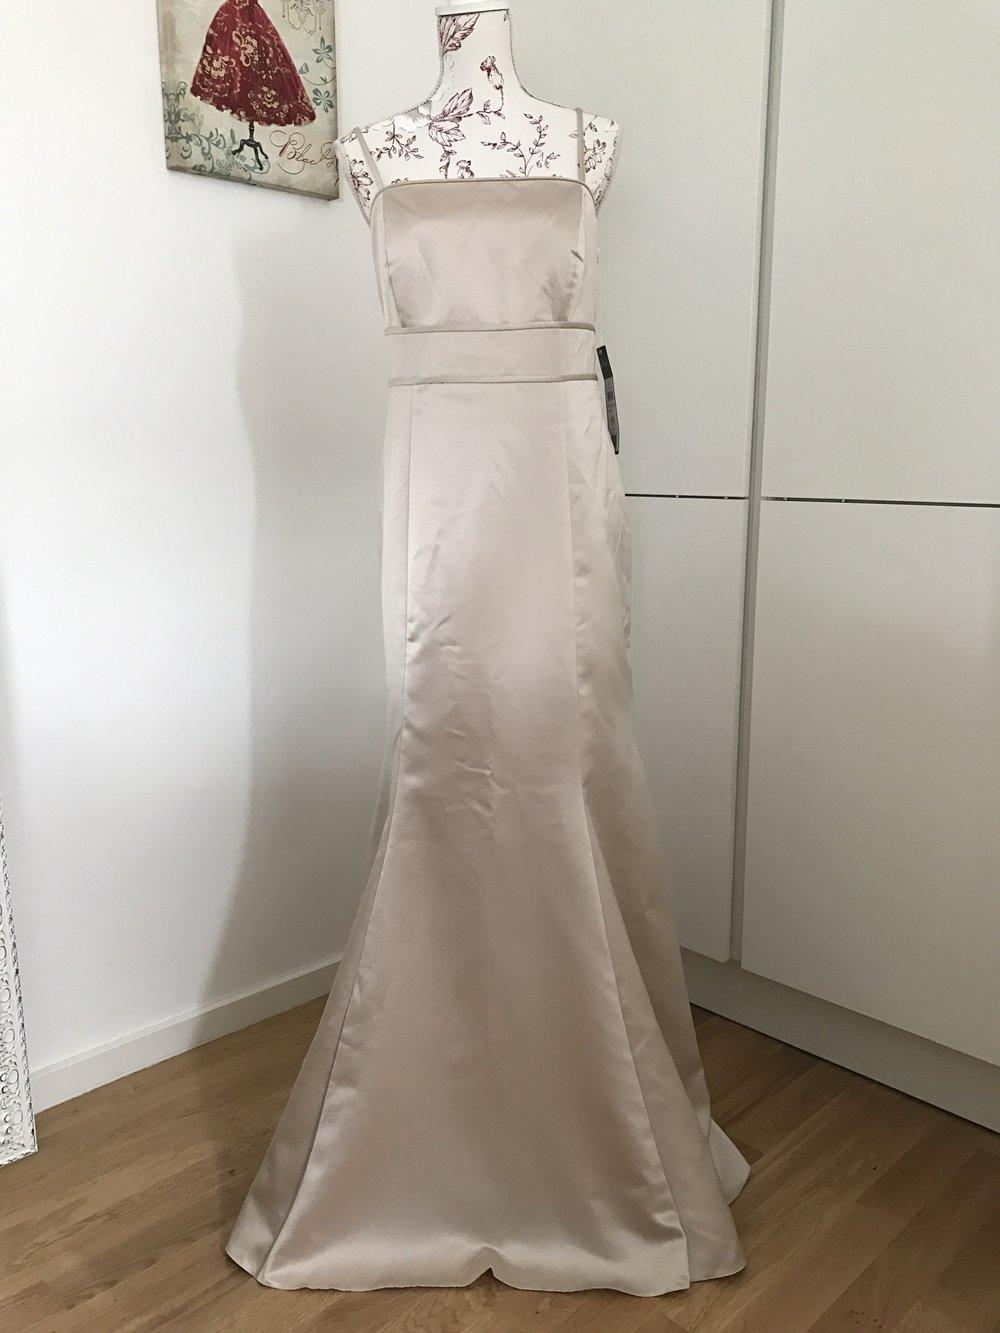 Veramont Abendkleid Vera Mont Gr 44 Neu Mit Etikett Kleiderkorb De